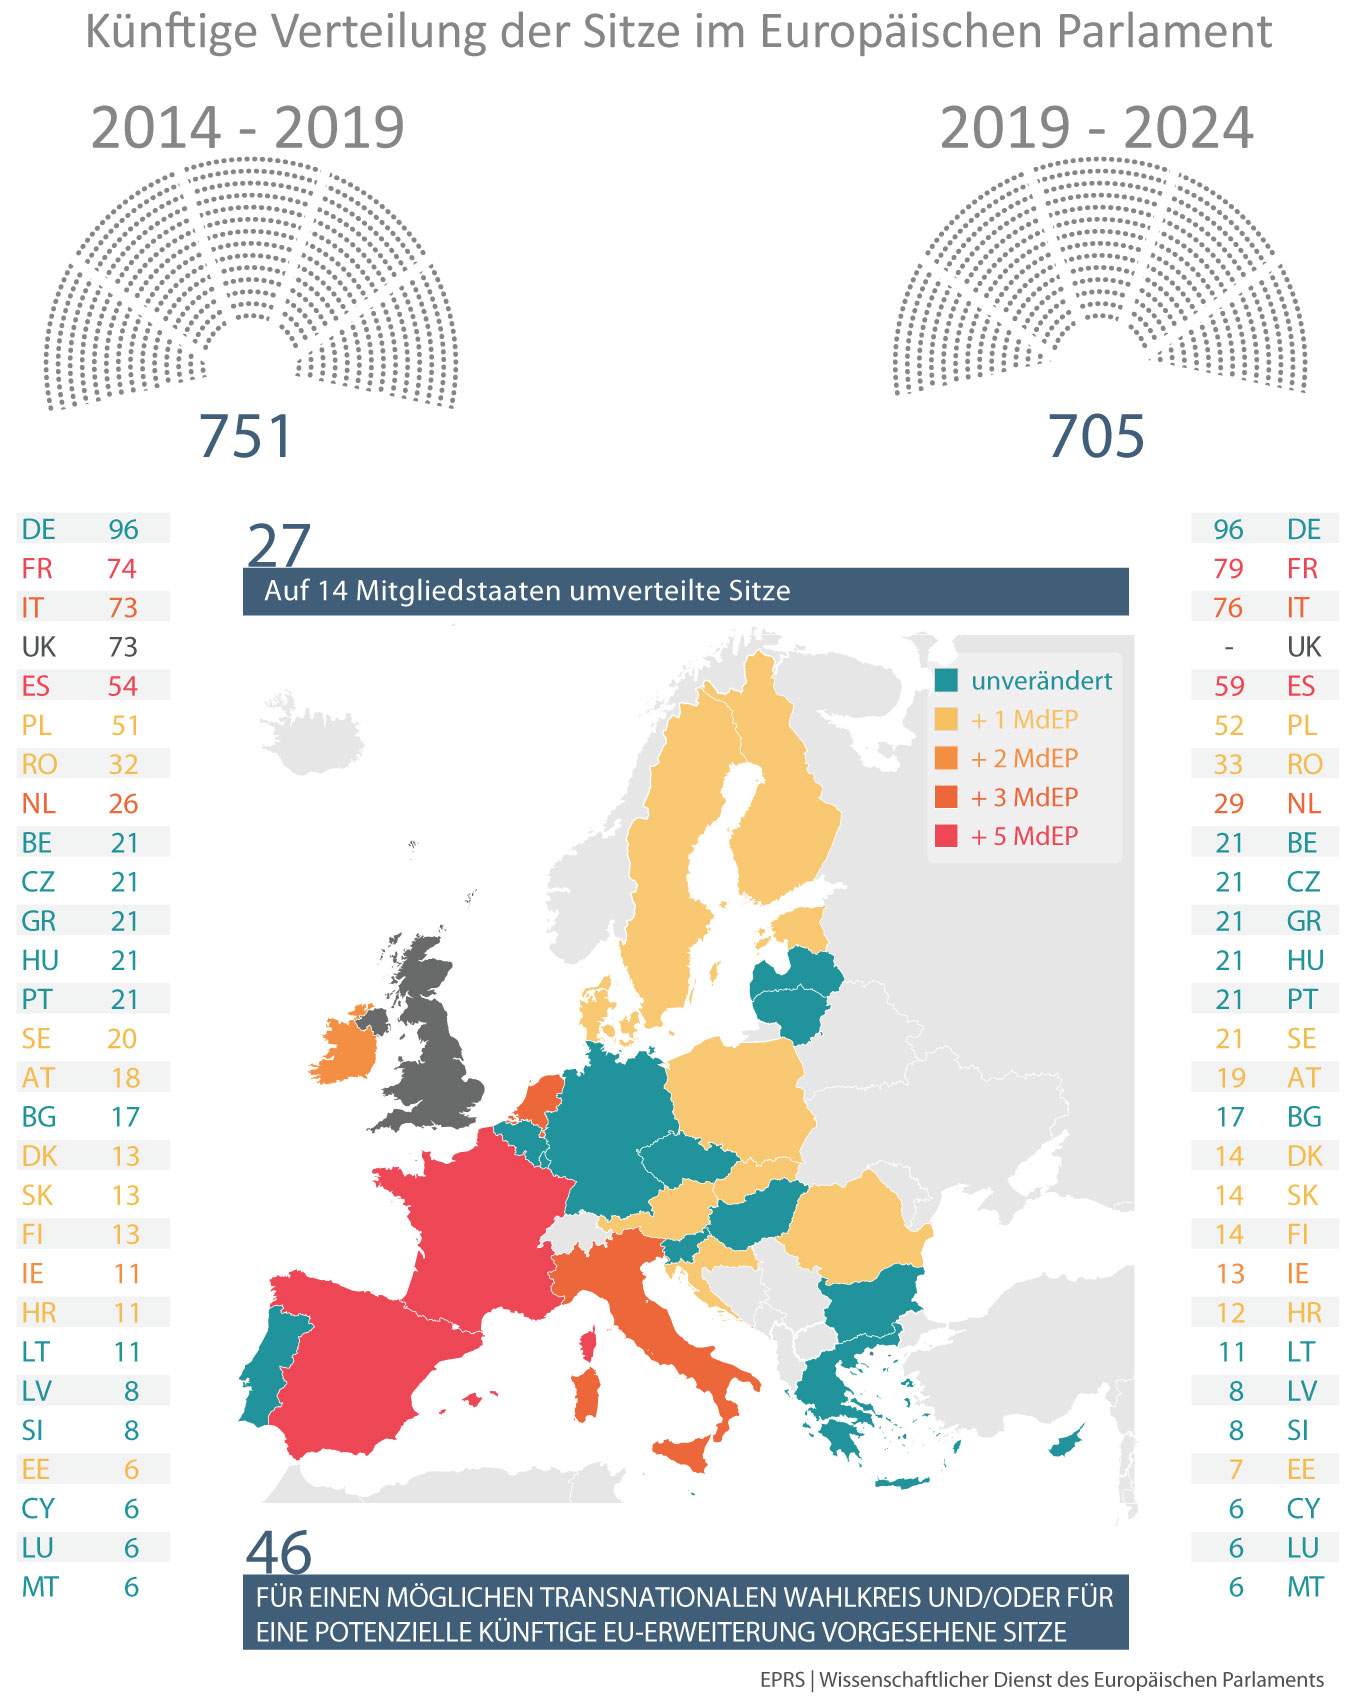 grafik: änderung der sitzverteilung im eu-parlament nach dem brexit von 751 auf 705 mitglieder